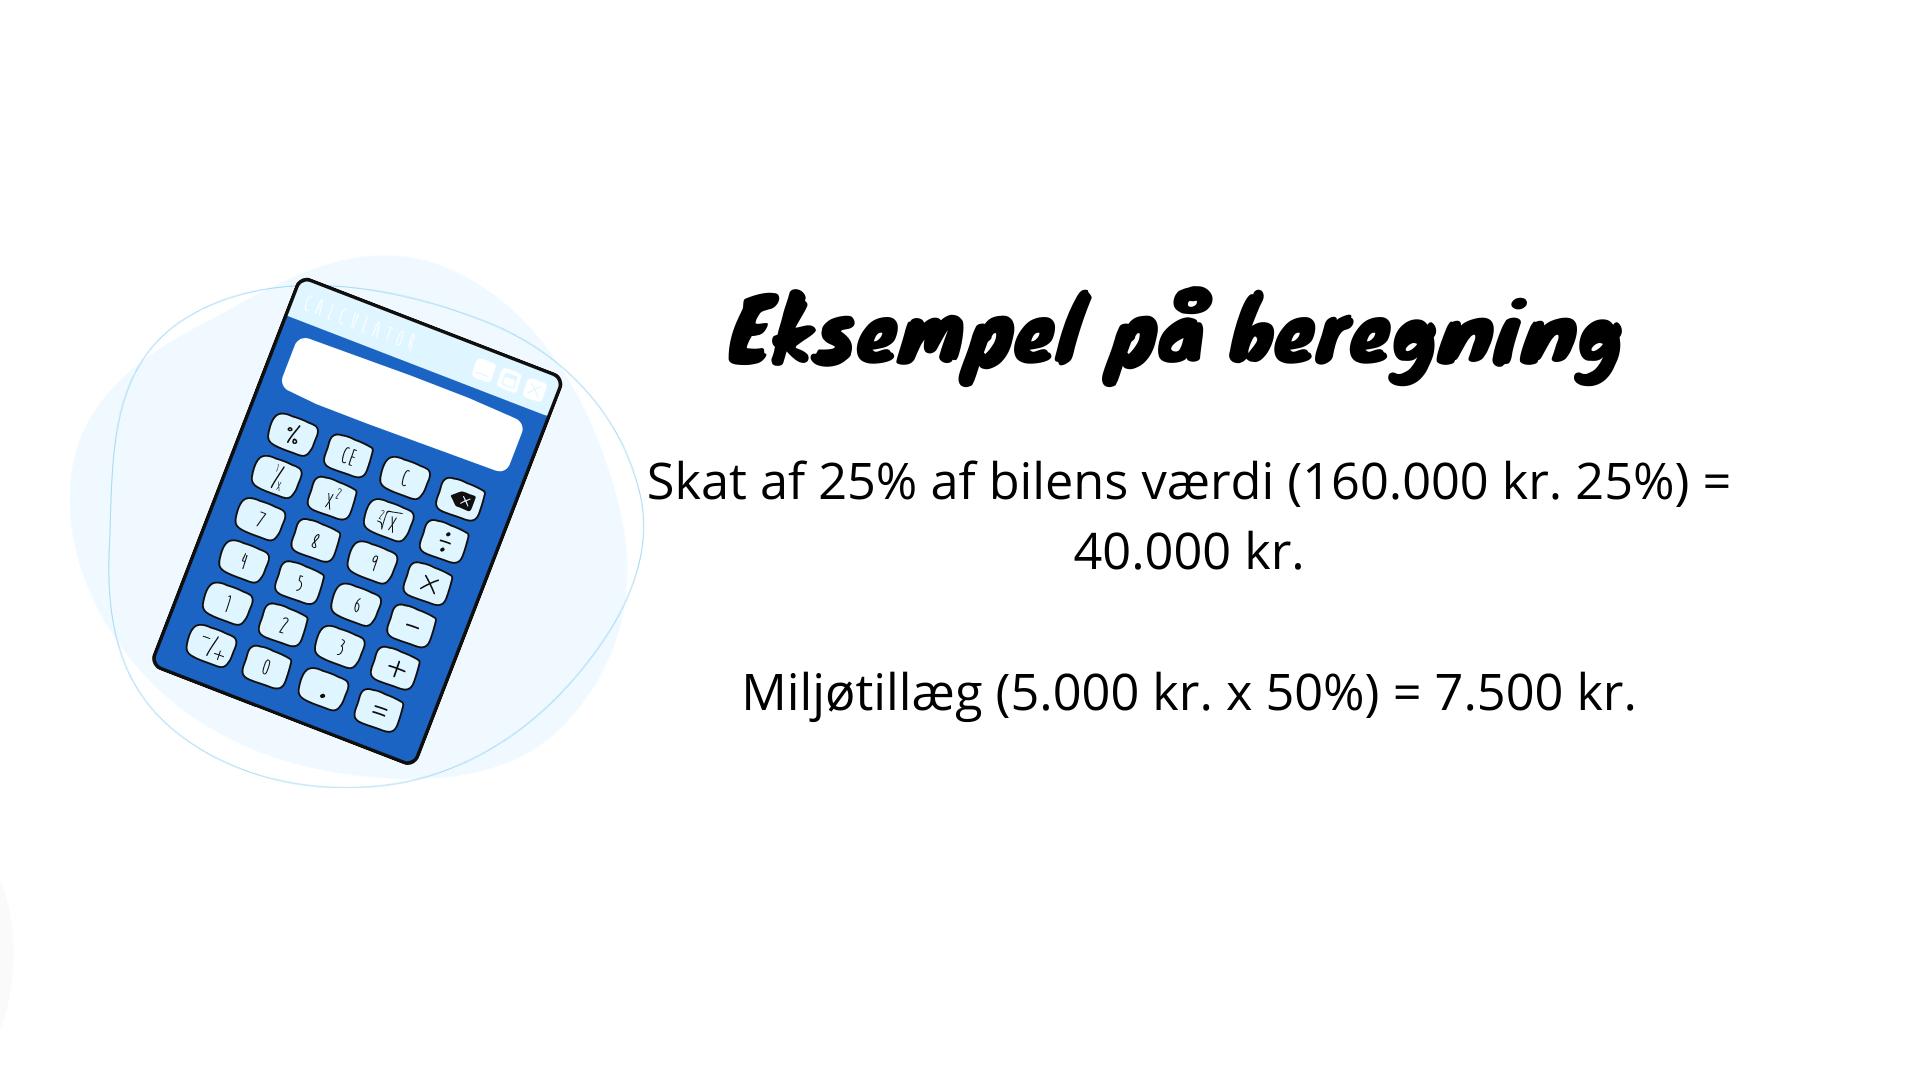 Beregningseksempel på, hvordan man beregner beskatning af fri bil.